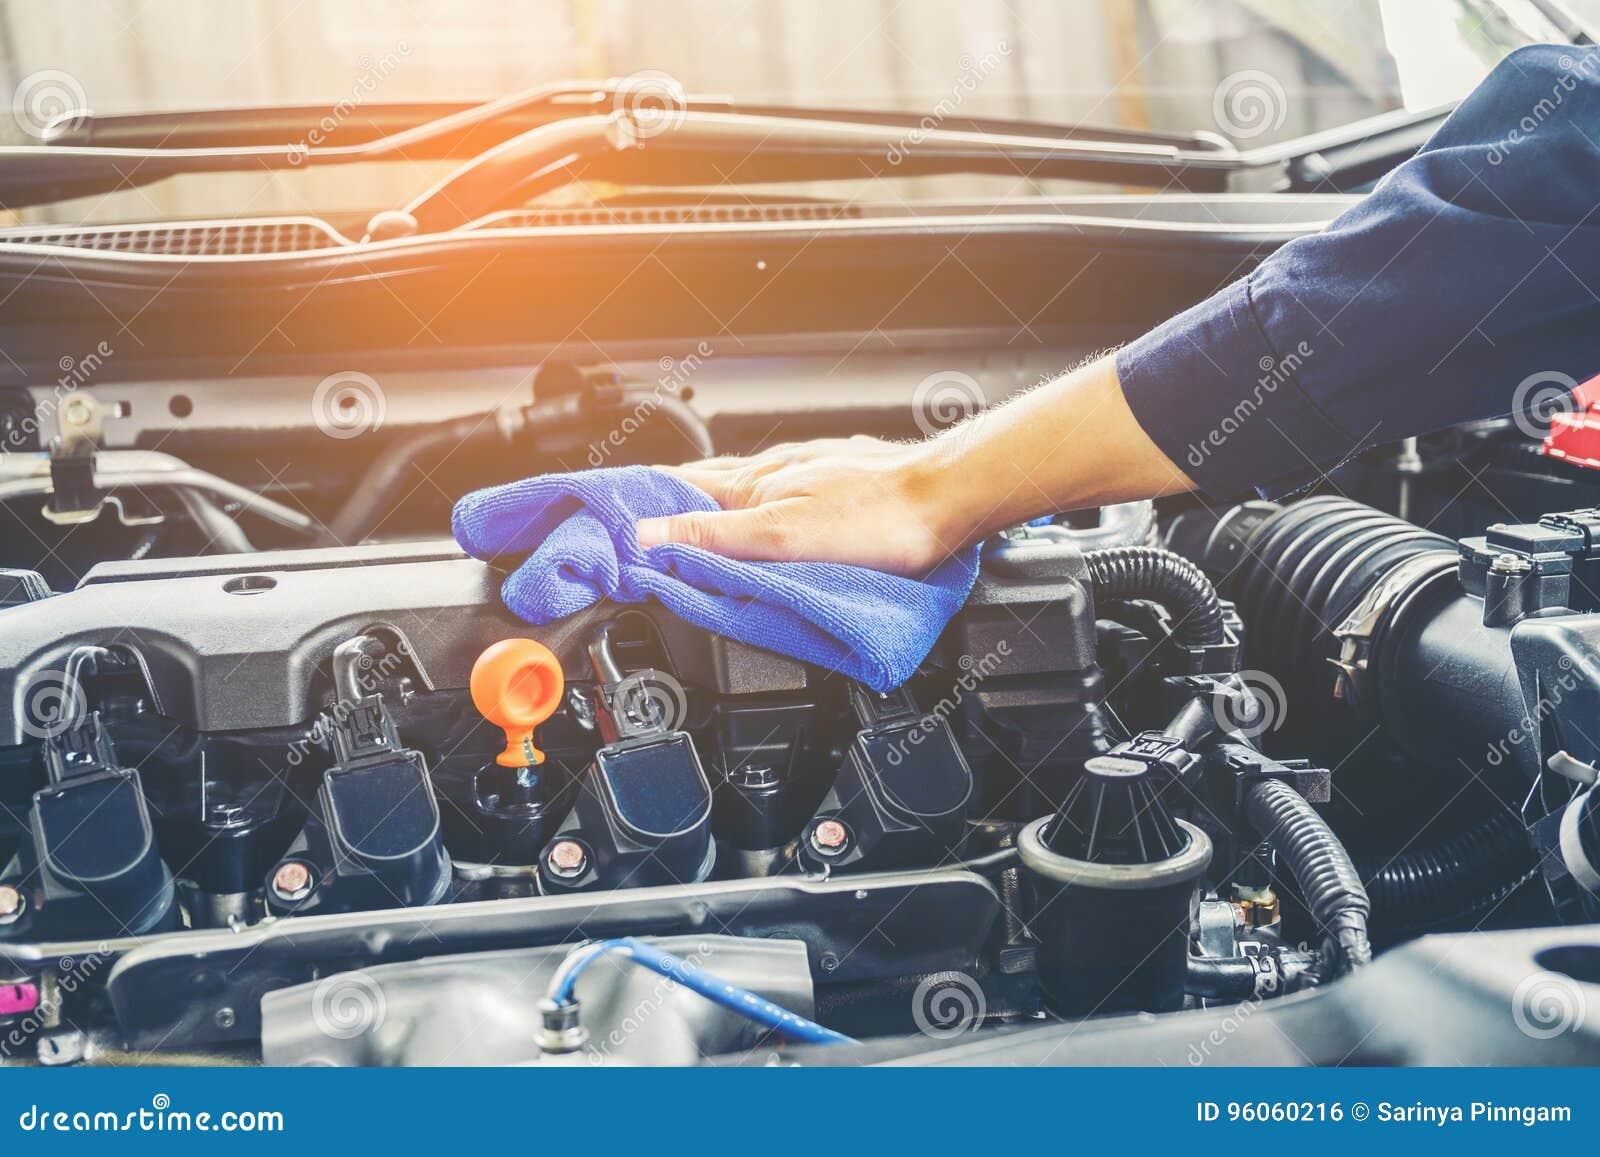 Motor de automóveis de detalhe da limpeza da série do carro